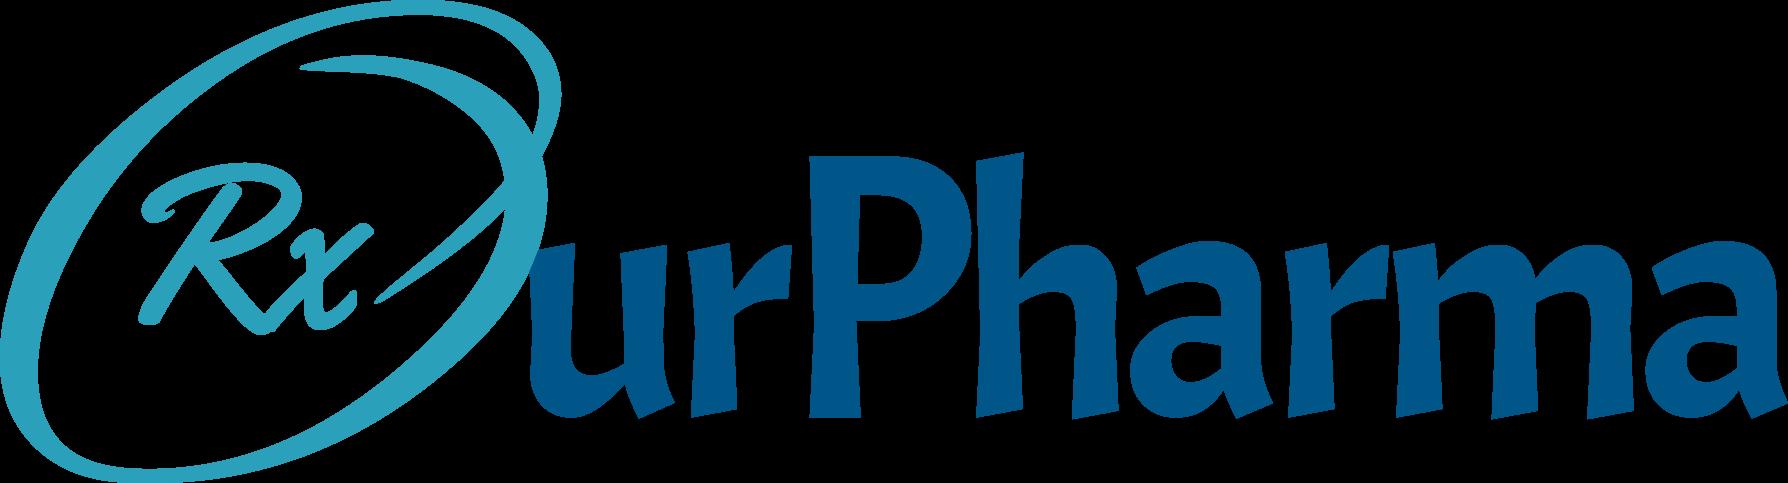 OurPharma